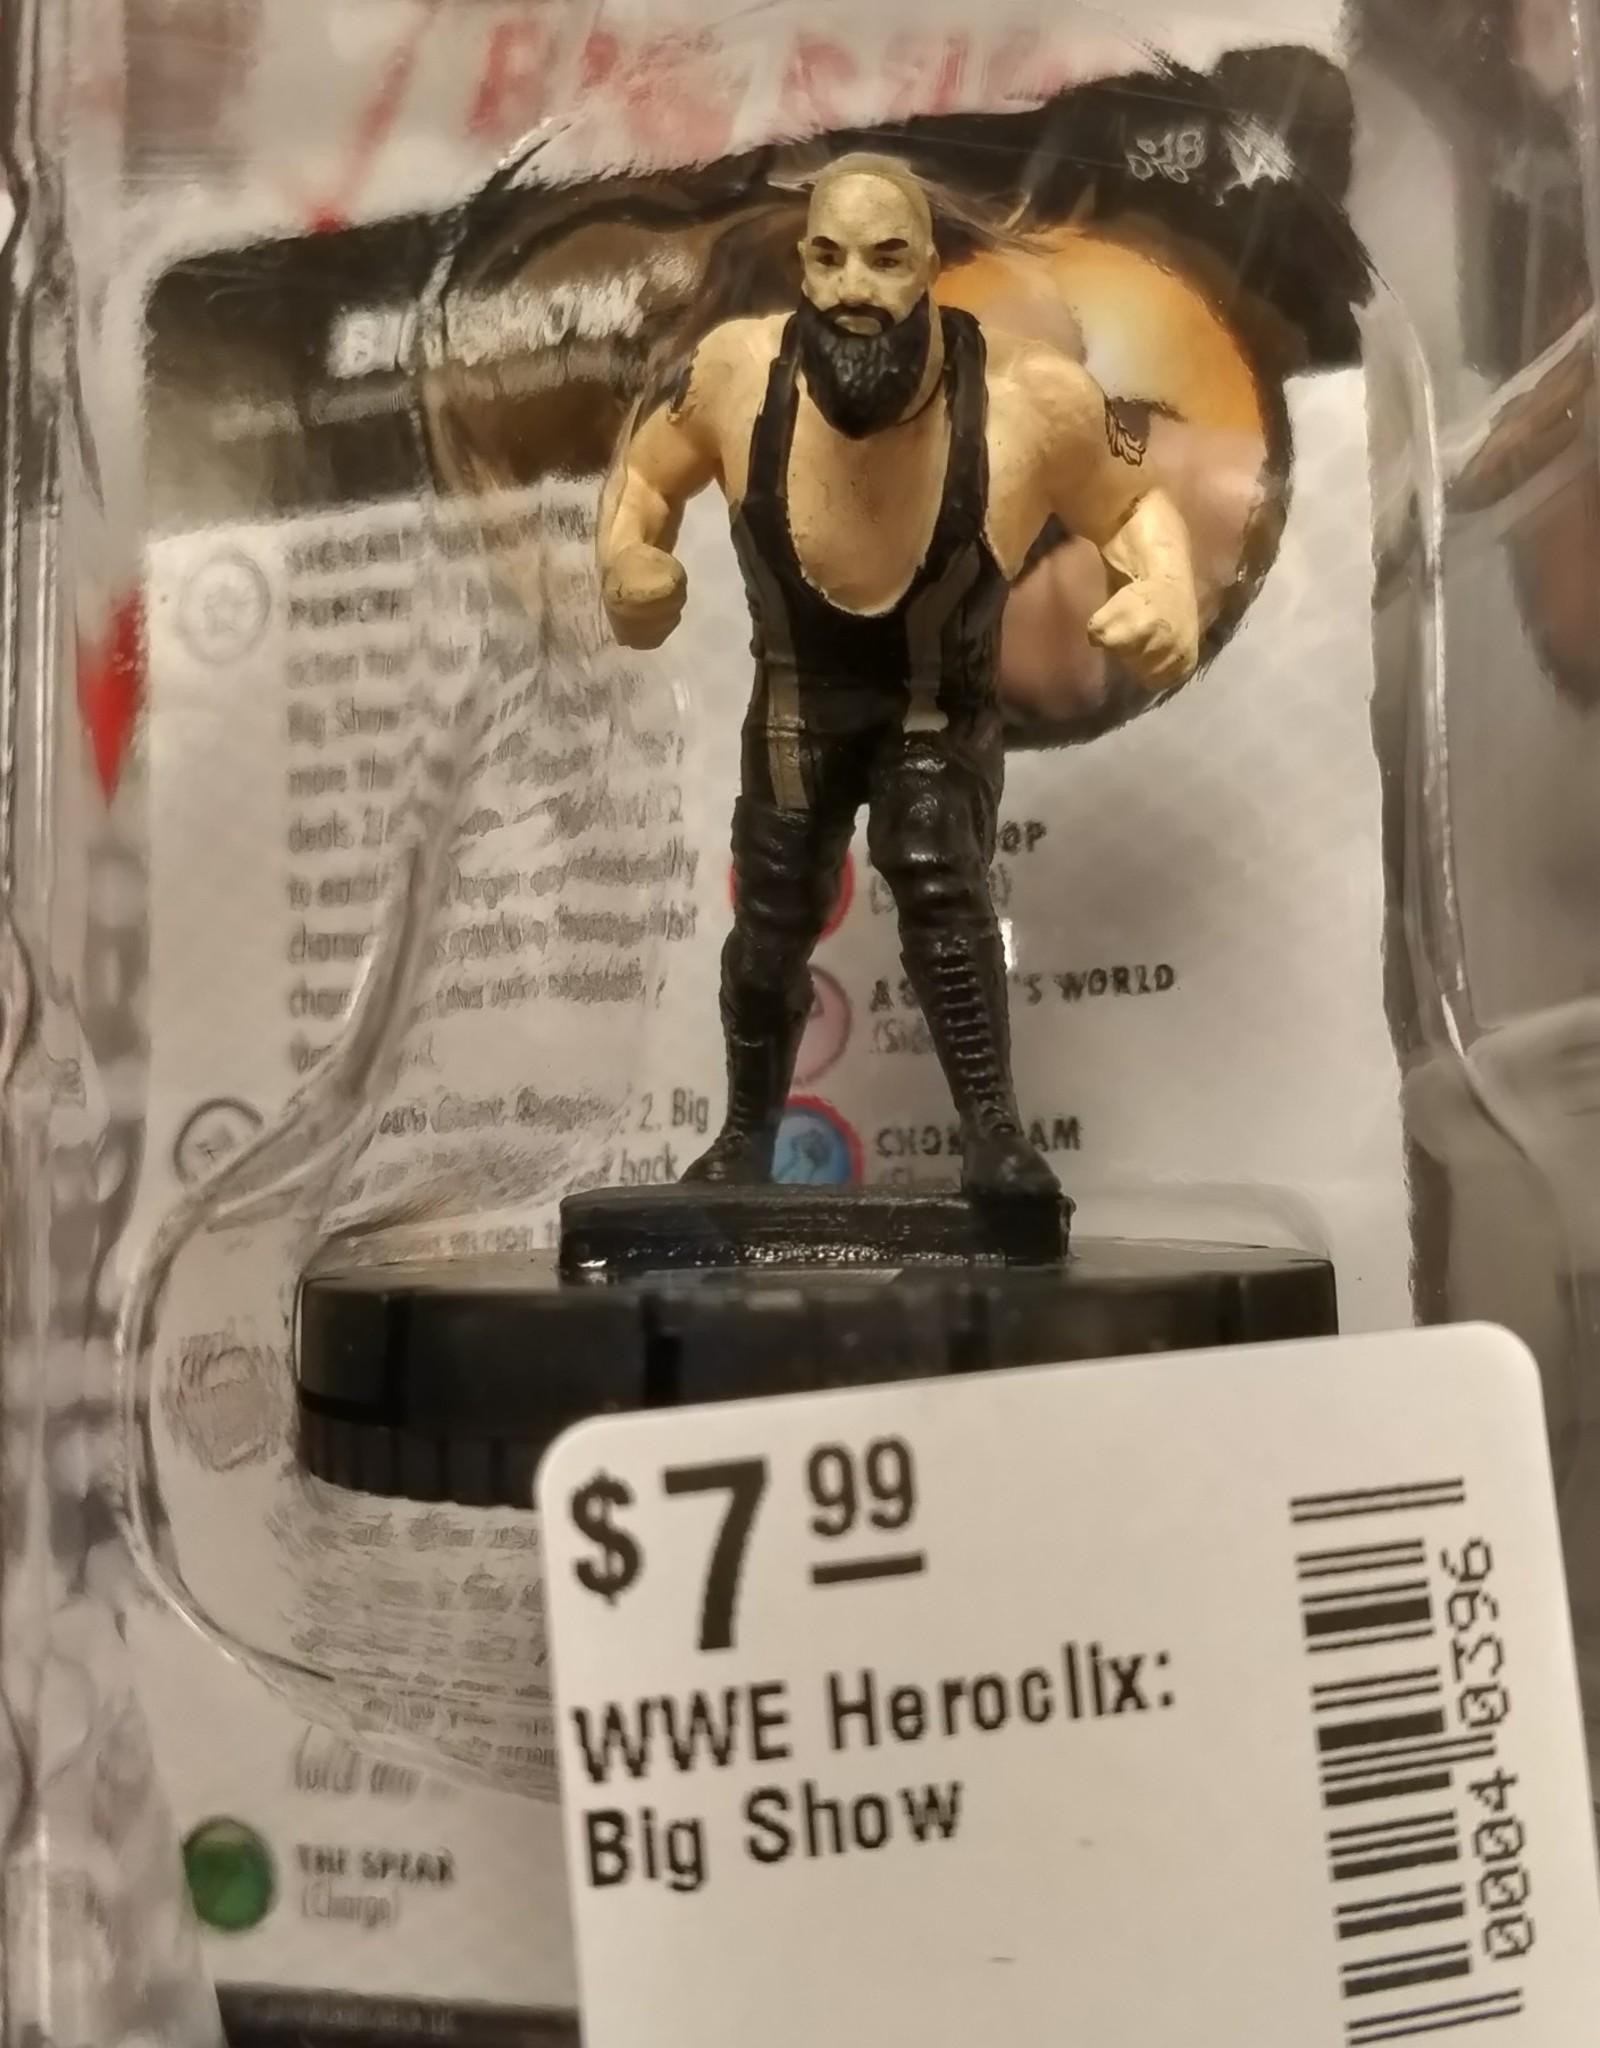 Wizkids WWE Heroclix: Big Show